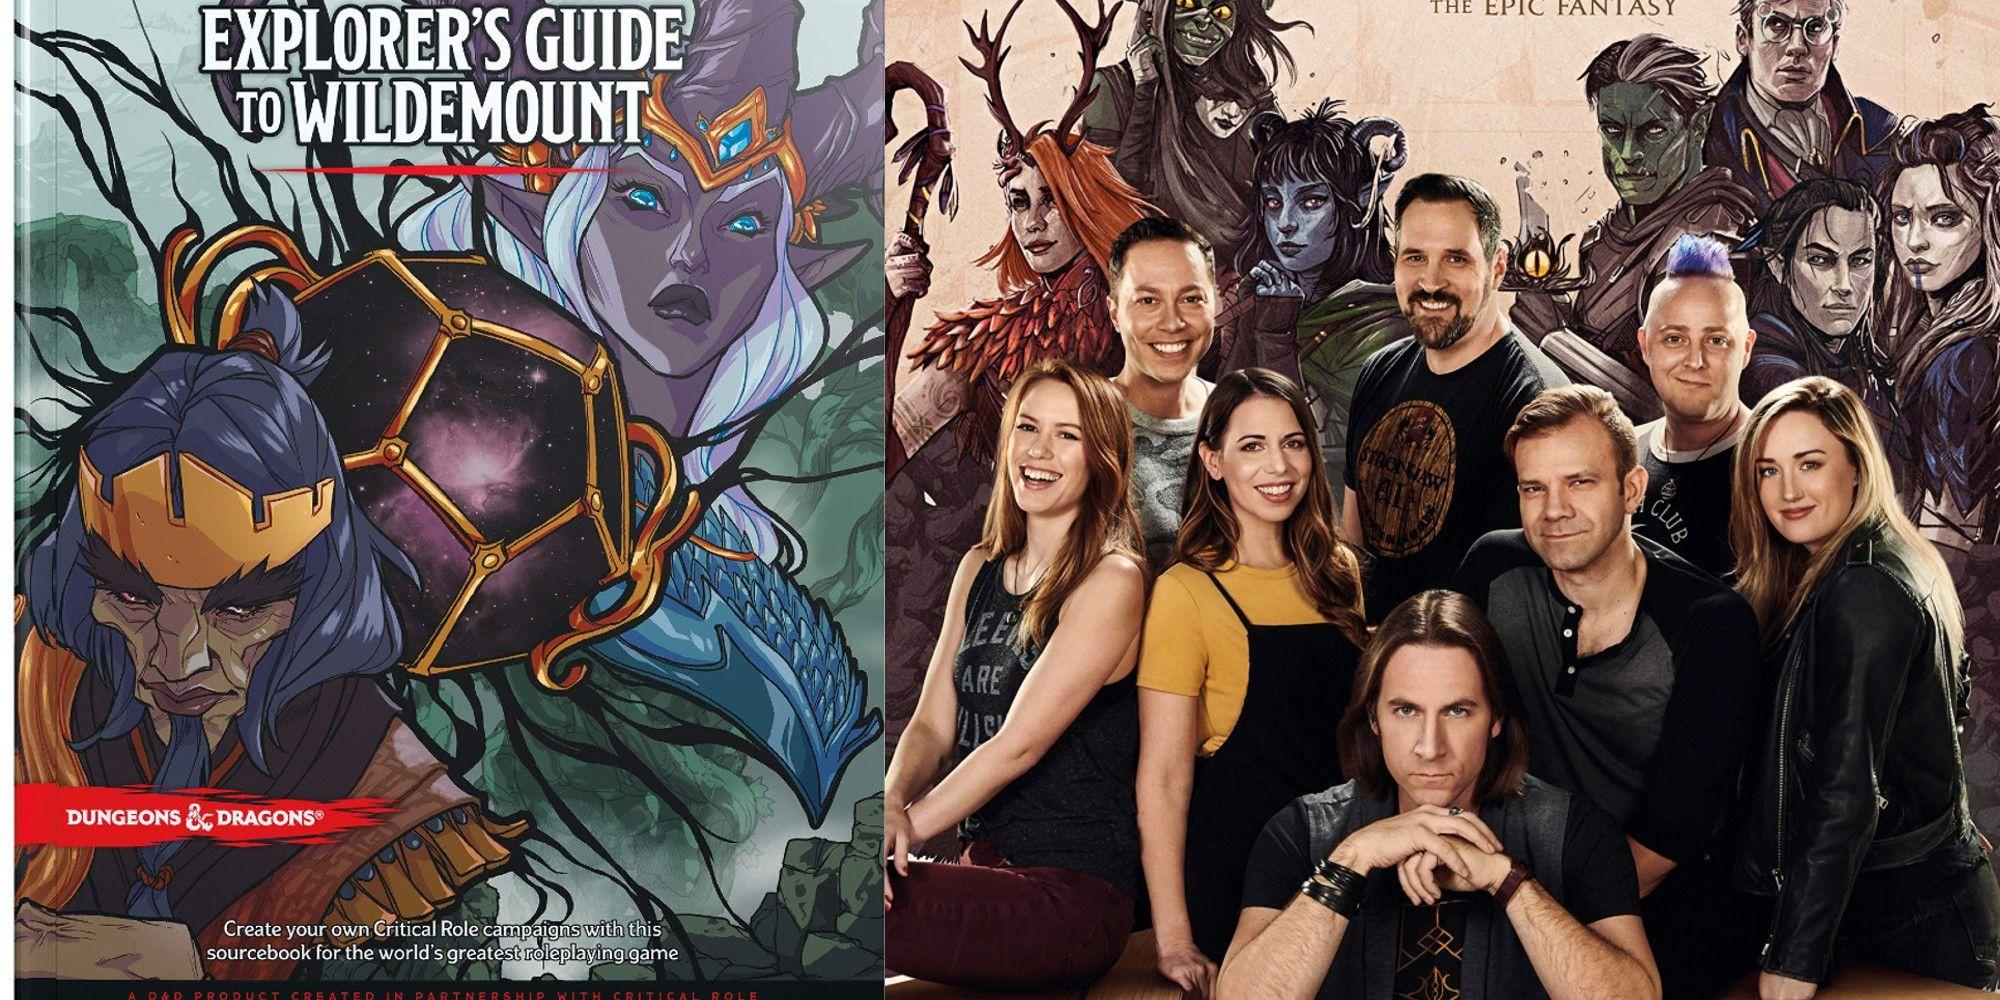 Dungeons & Dragons: 5 cosas que debes saber sobre la guía del explorador de Wildemount